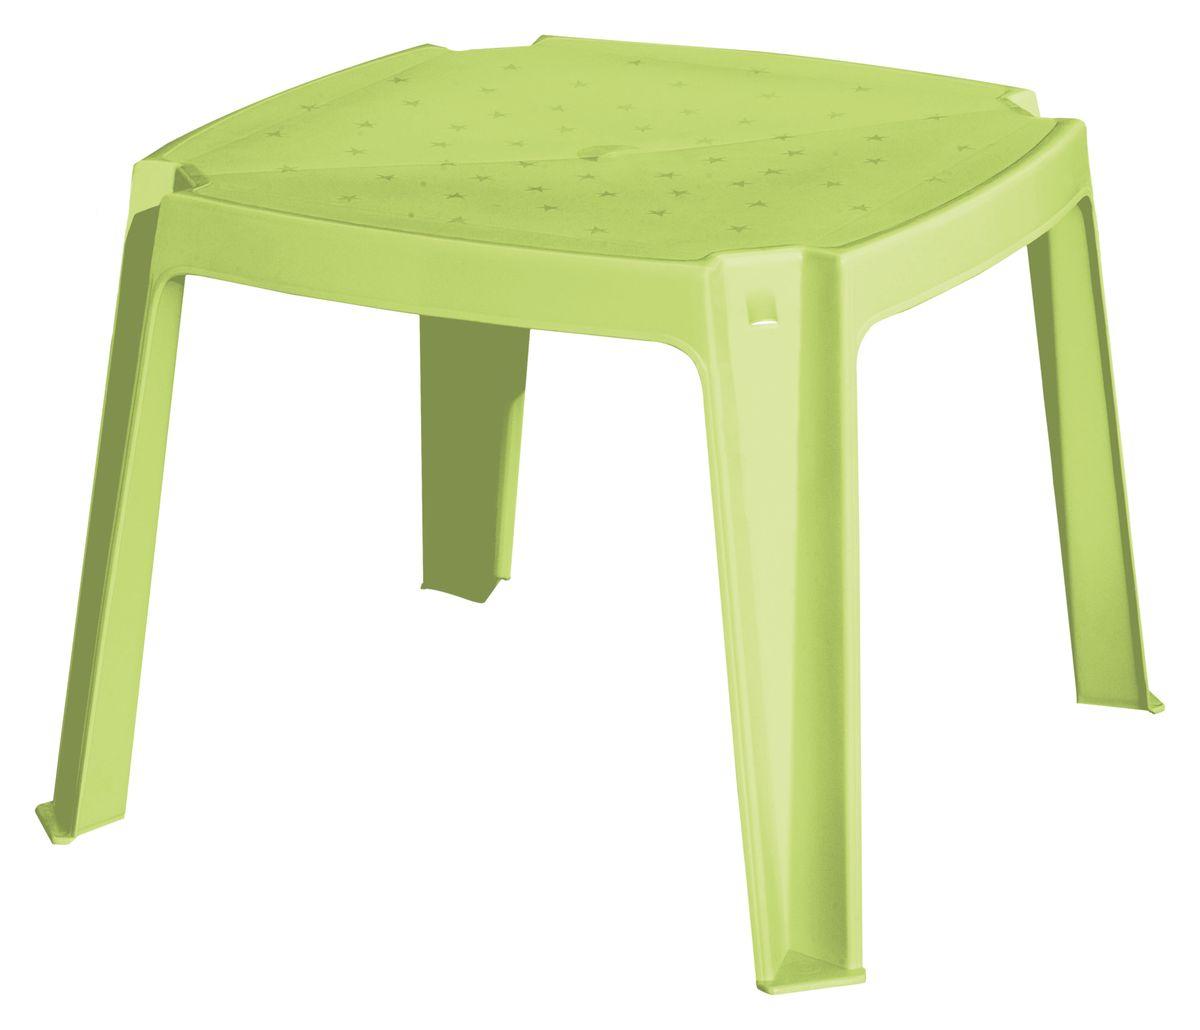 Marian Plast Стол детский без карманов365Удобный детский столик необходим каждому ребенку. За столиком ребенок может играть, заниматься творчеством. Столик сделан из прочного, но легкого пластика.